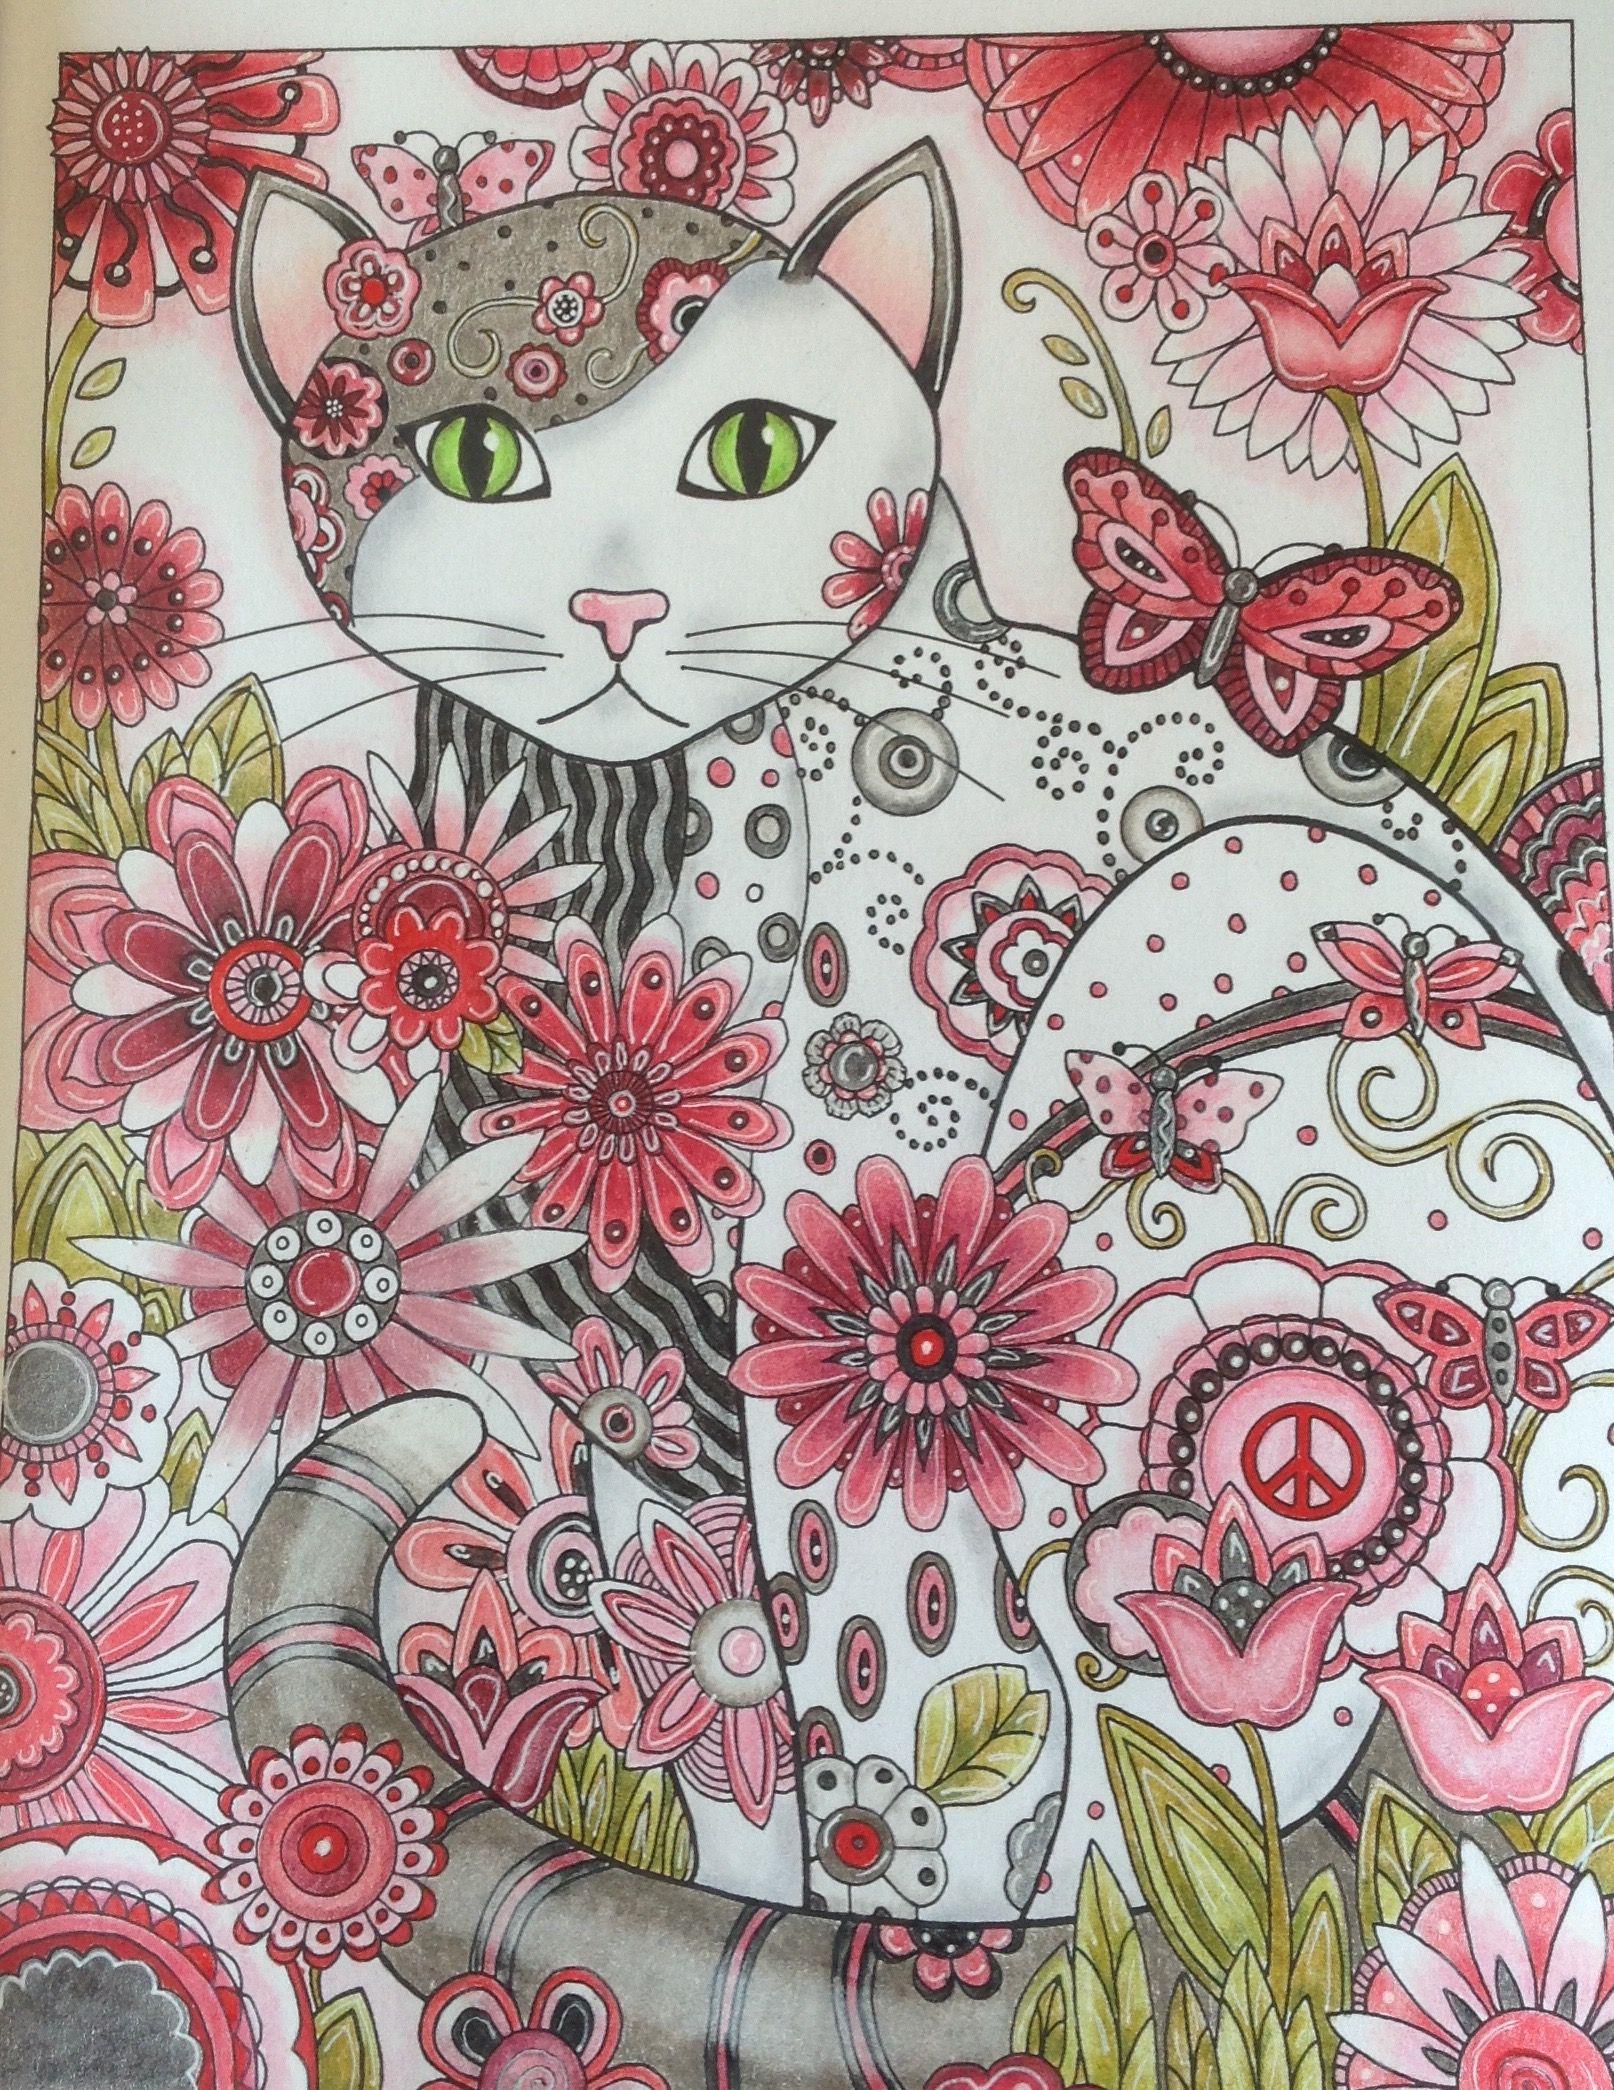 Enjoy wackyhabitat curated cute cat art just for fun and sharing